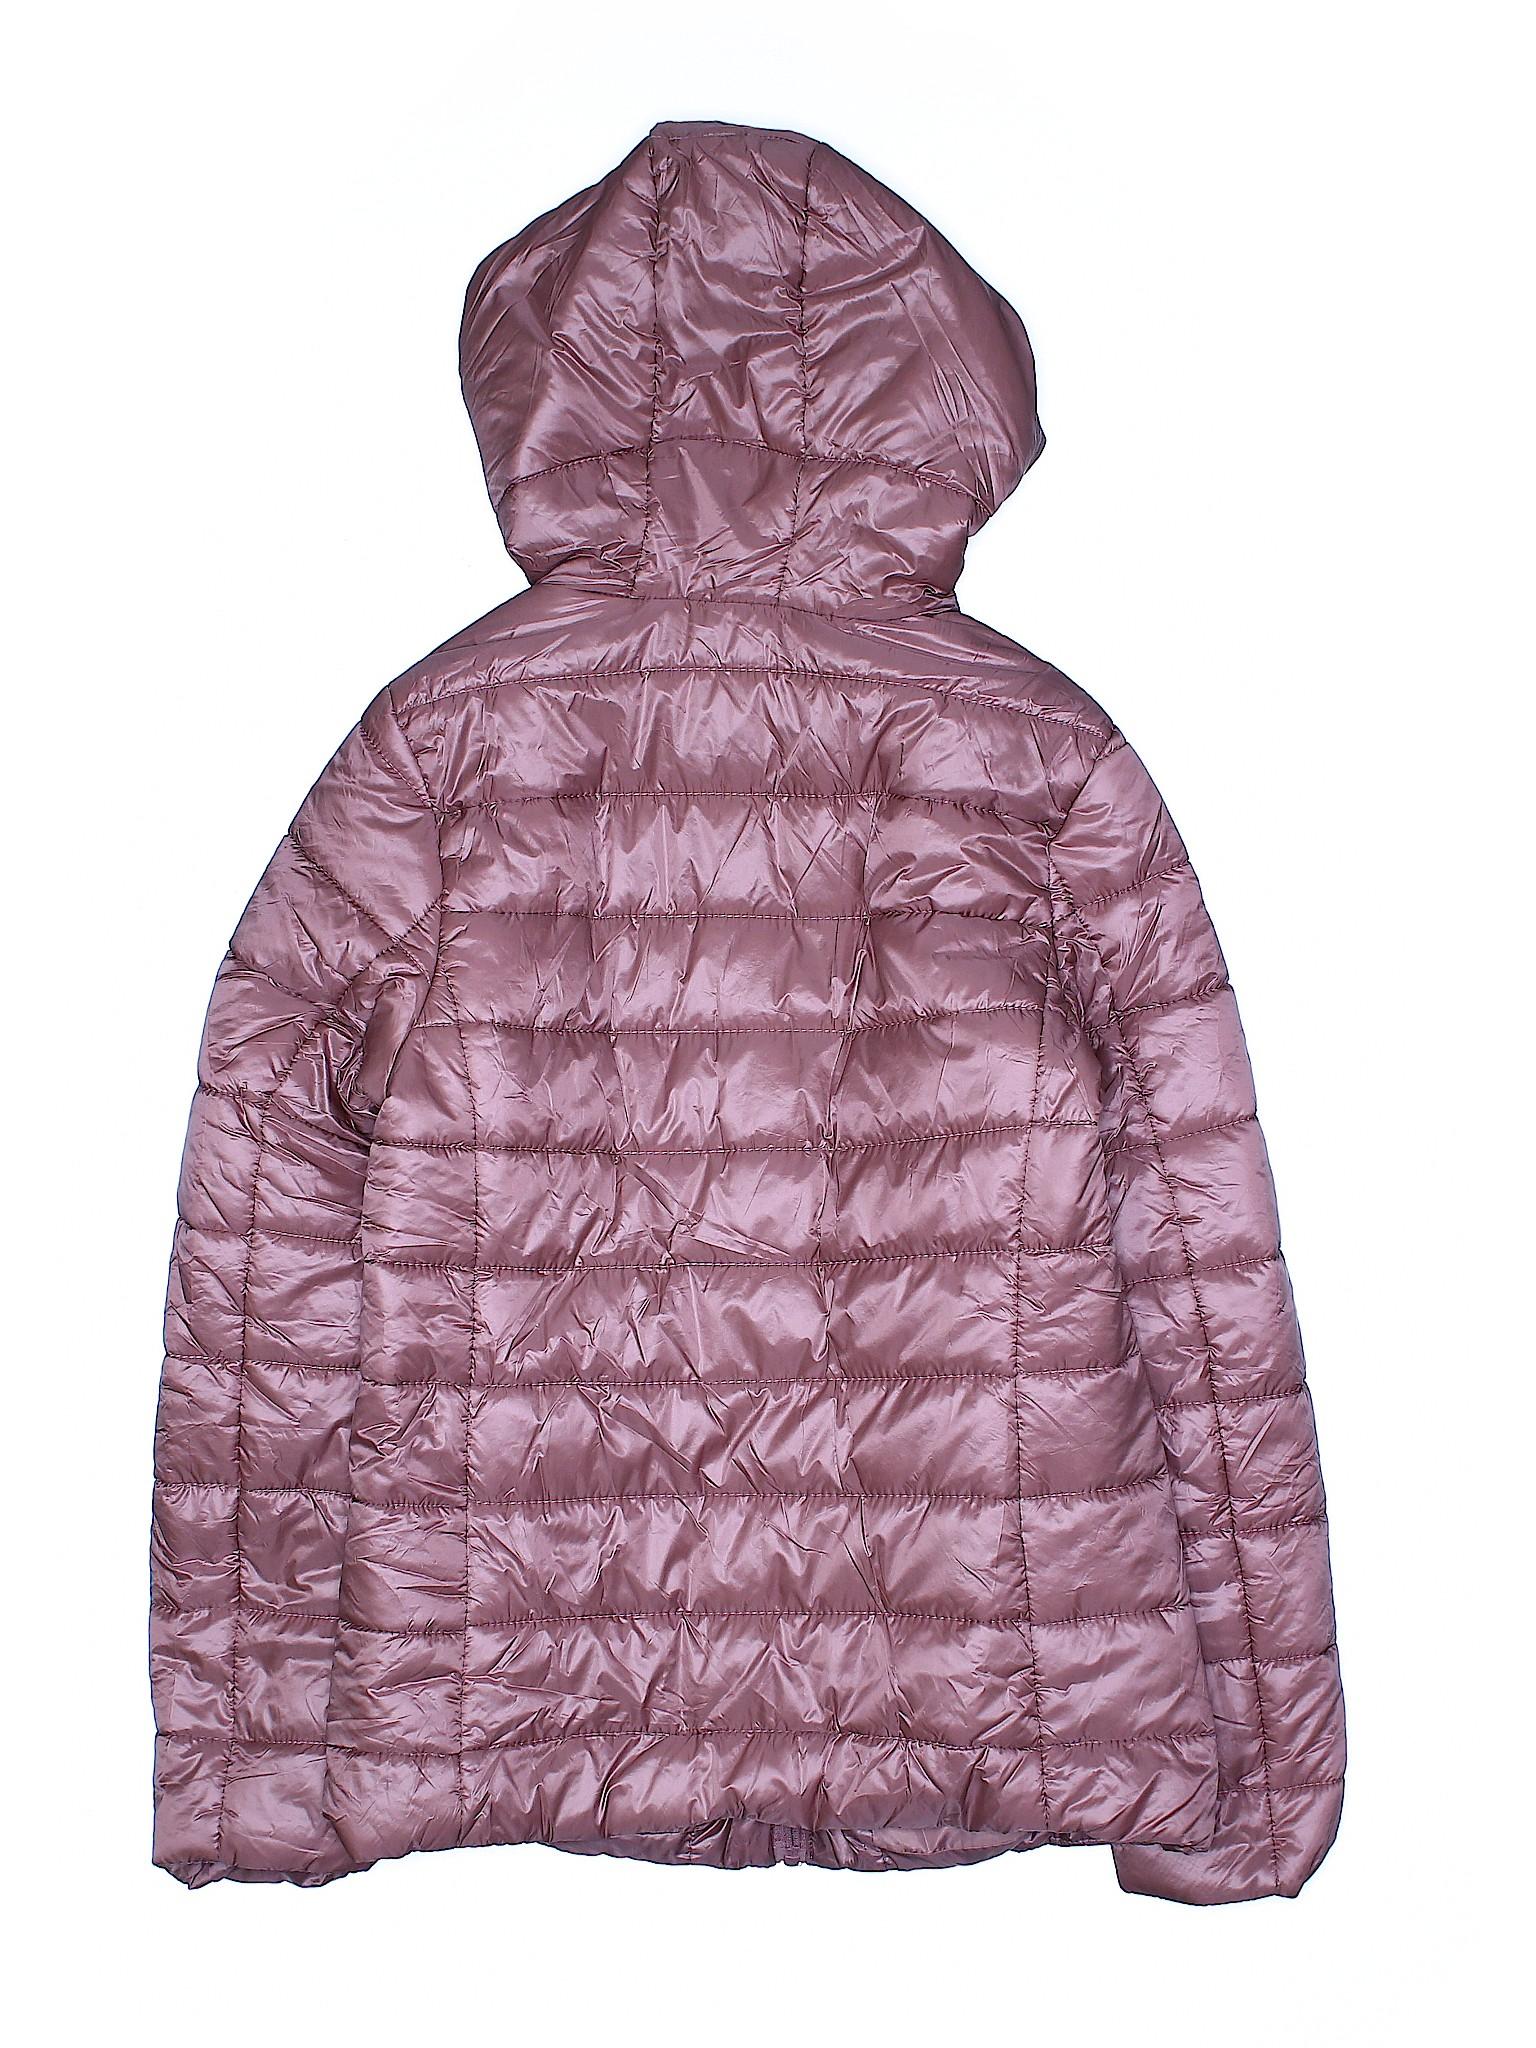 winter Coat 21 Boutique Boutique Forever winter qxwXIgXpE